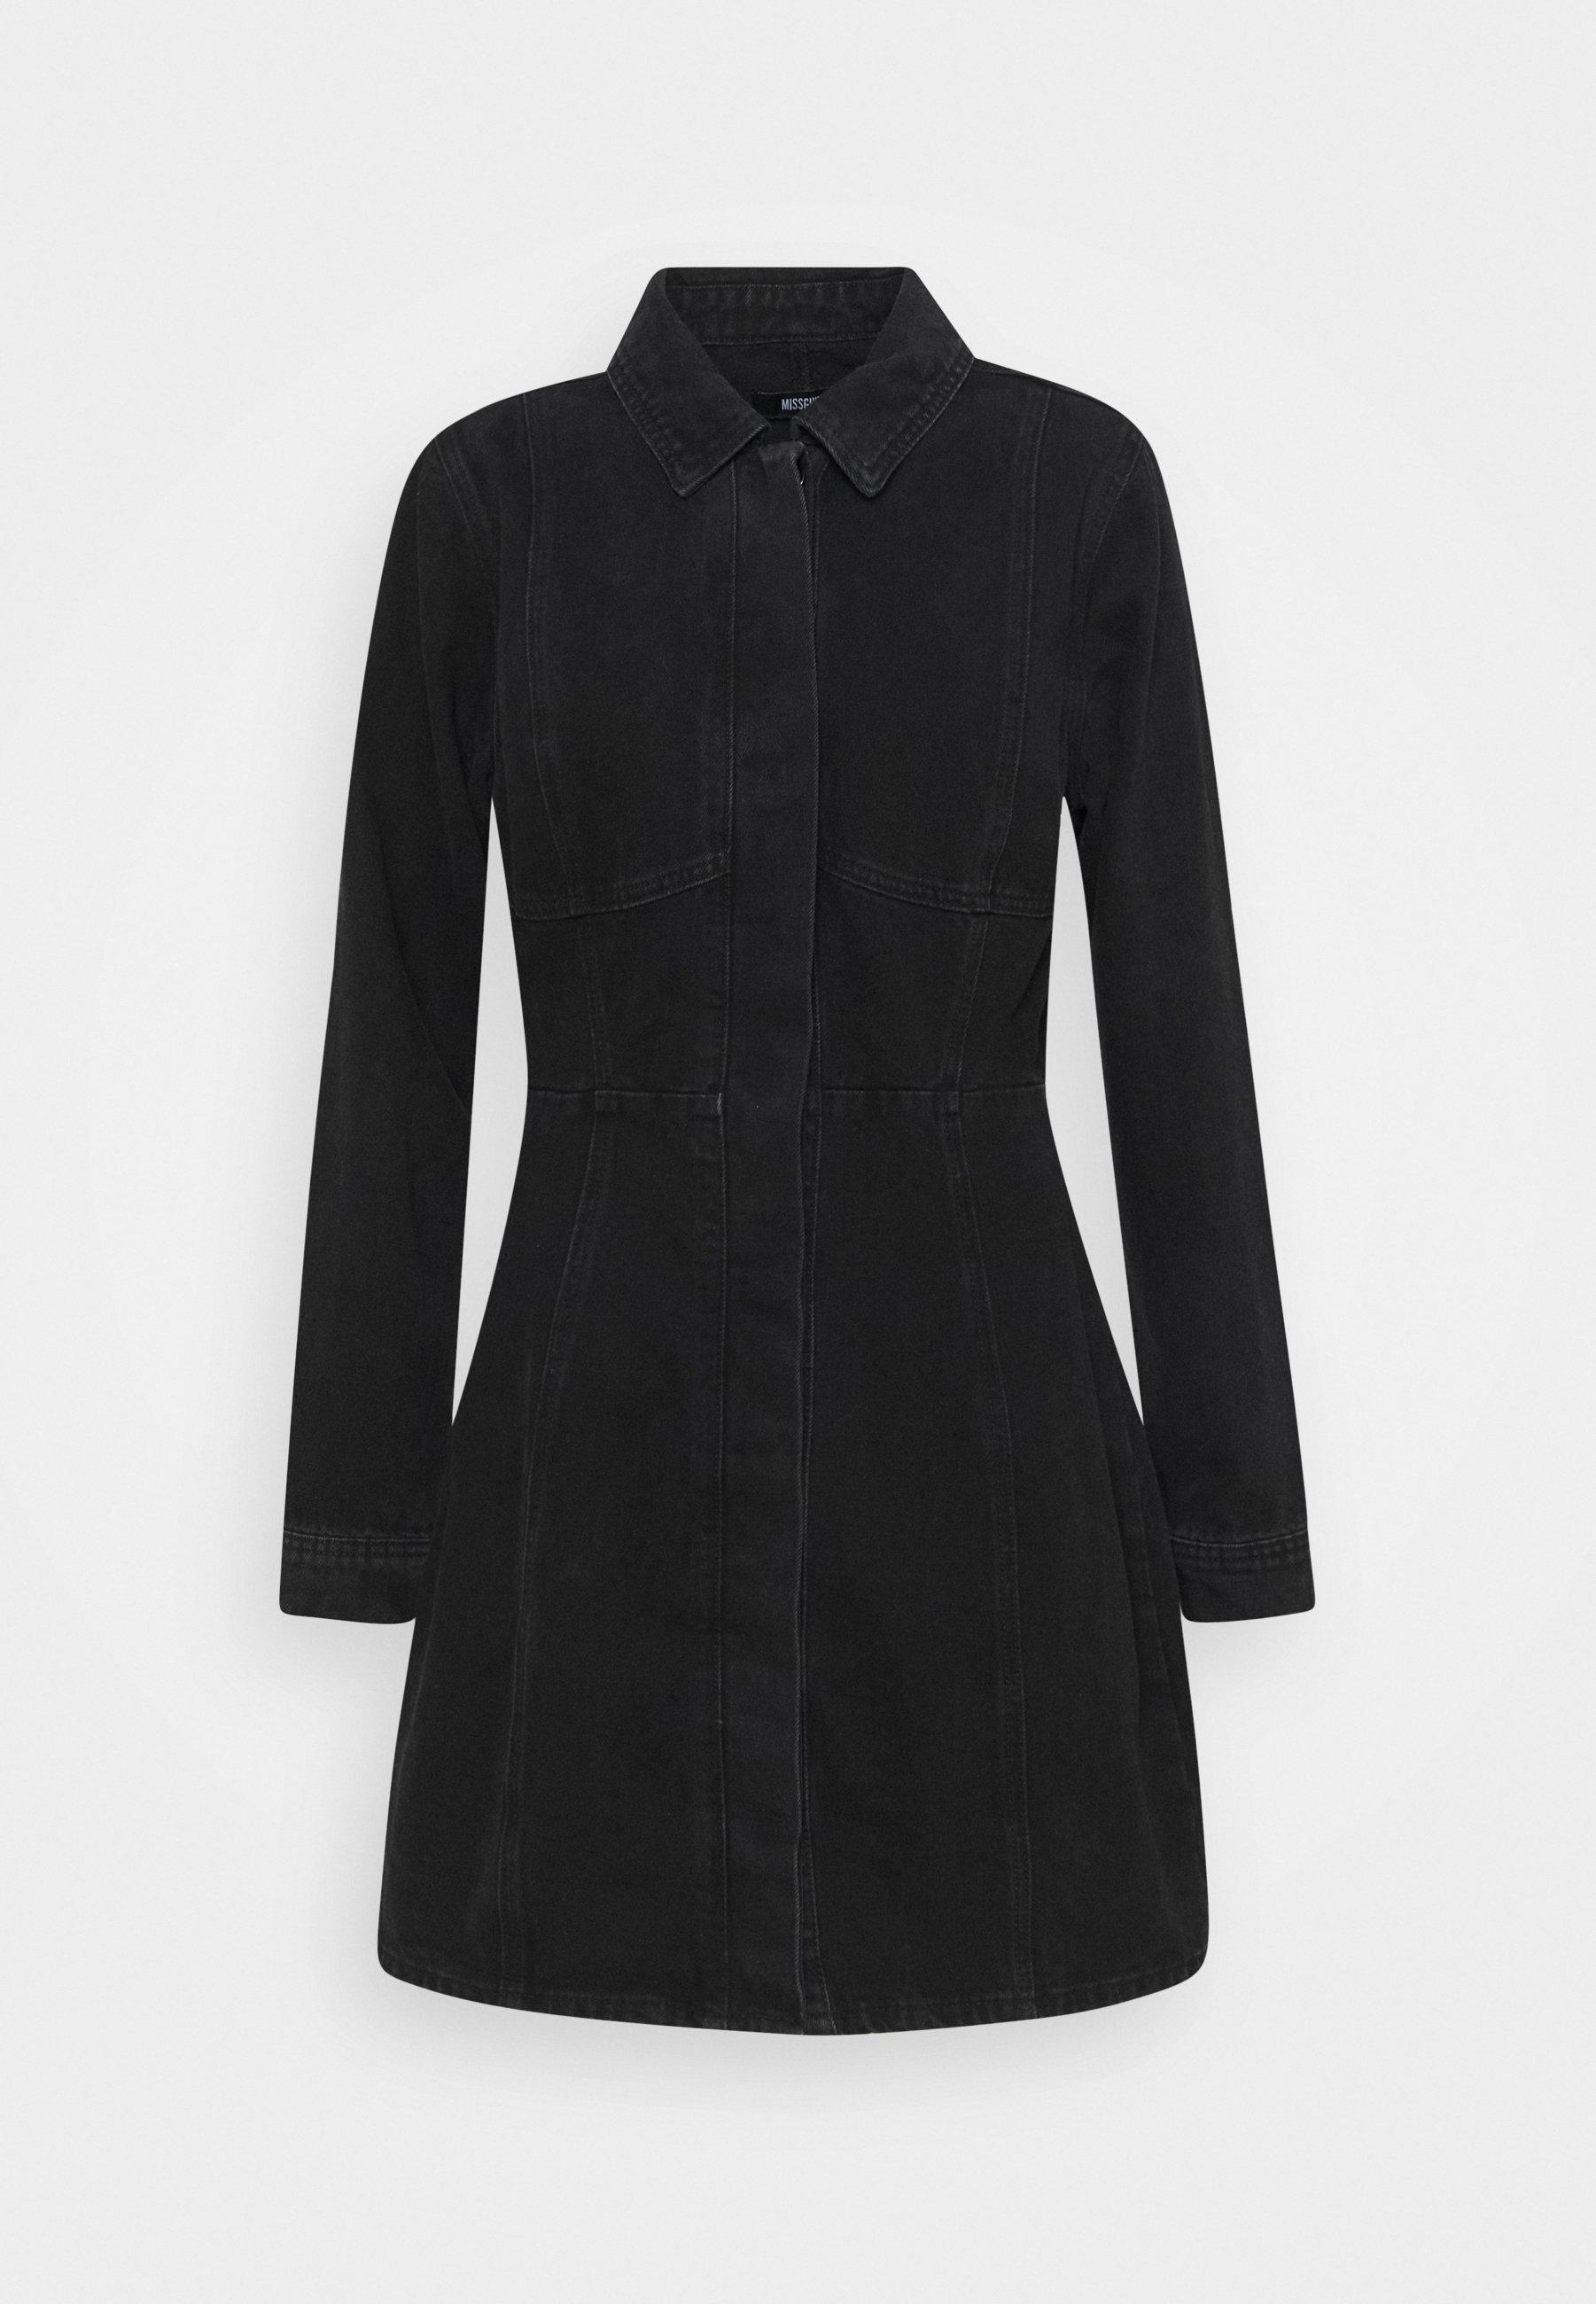 Femme SEAM DETAIL DRESS - Robe en jean